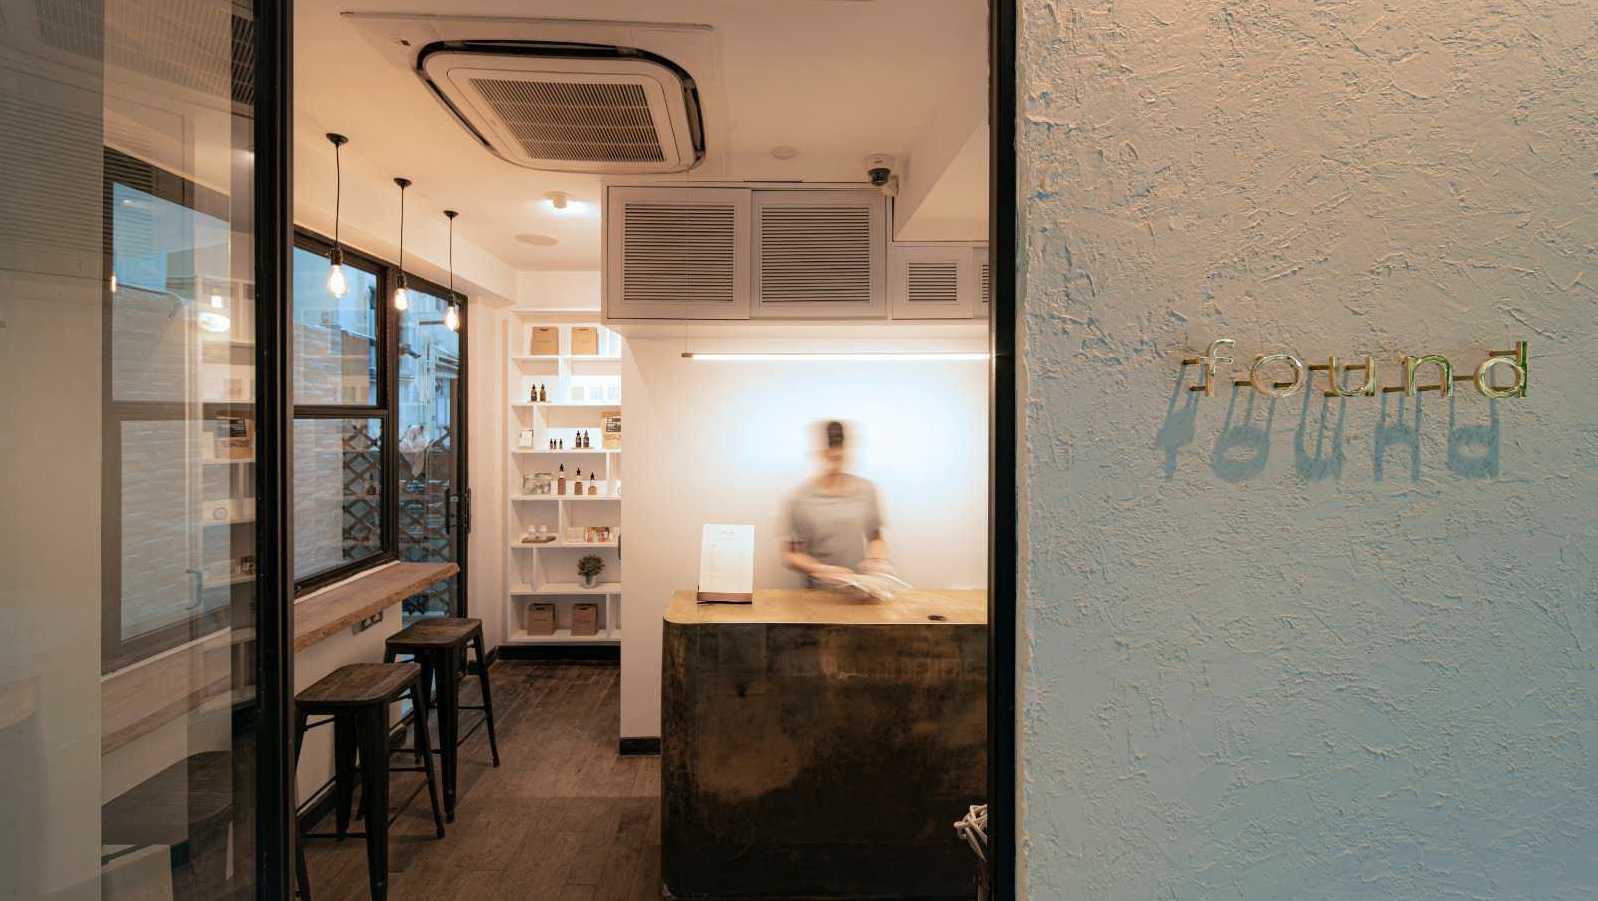 أول مقهى في هونغ كونغ يبيع منتجات القنب